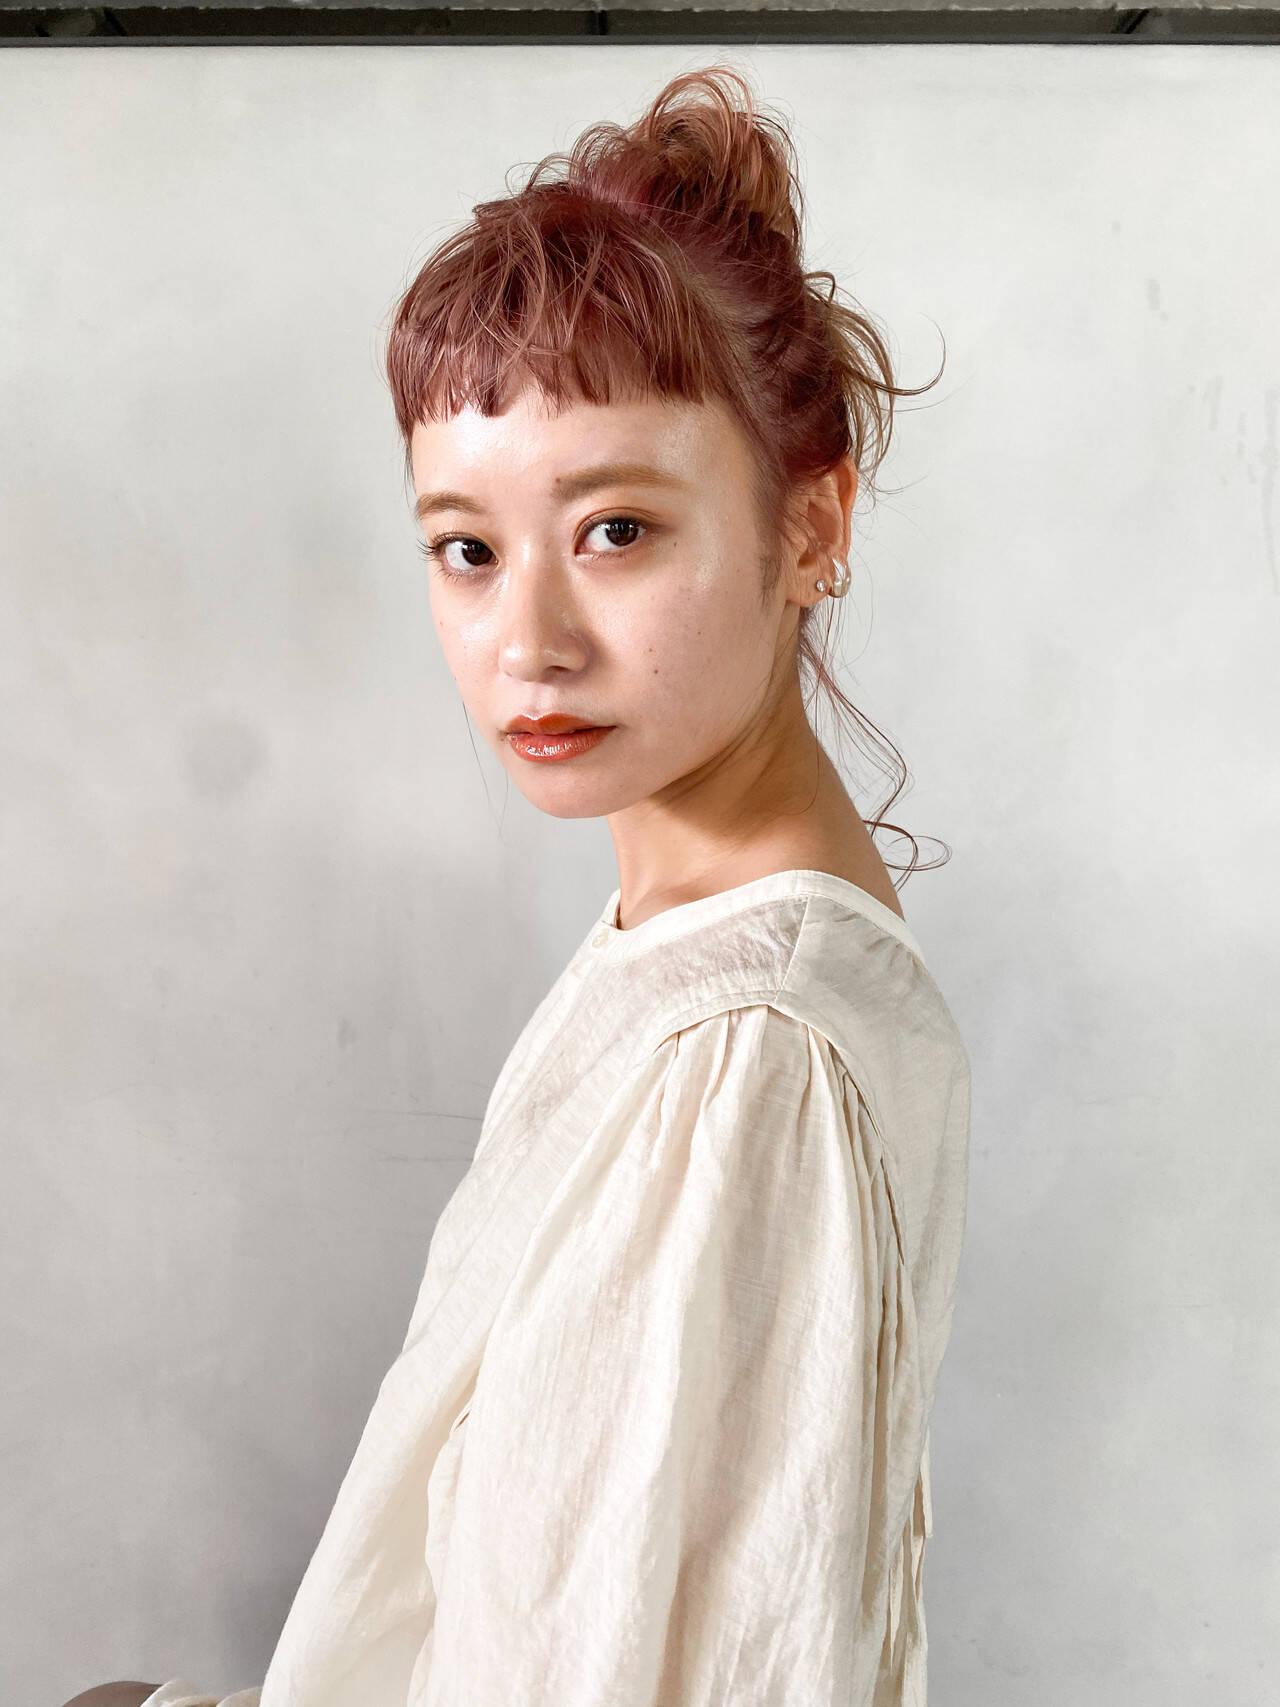 ヘアアレンジ ピンクブラウン 韓国 韓国ヘアヘアスタイルや髪型の写真・画像